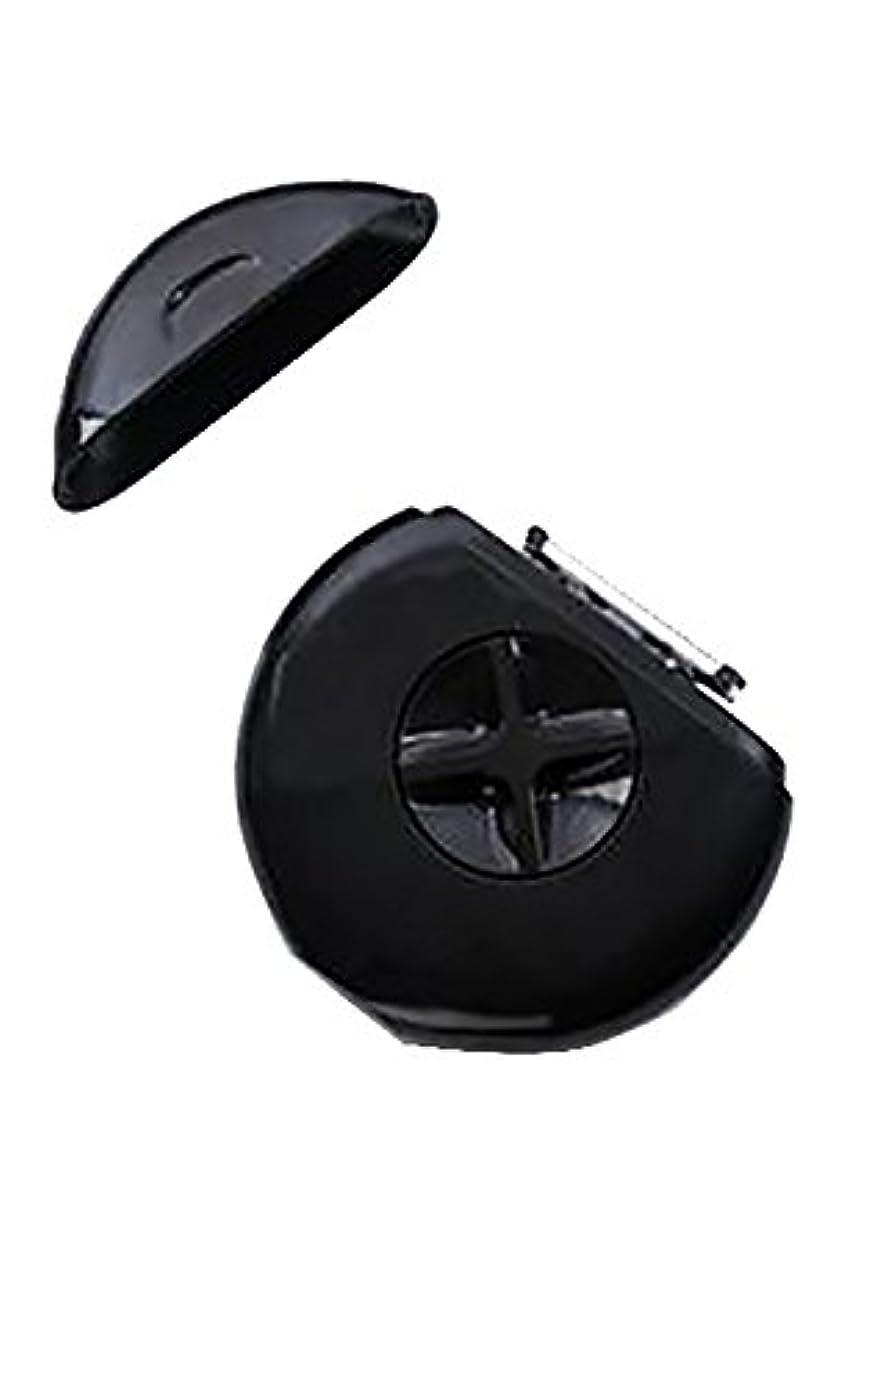 事実単位連続したSPHYNX【 スフィンクス 3-IN-1 PORTABLE RAZOR/持ち運び用カミソリ / スプレー モイスチャライザー カミソリ×2 付き/BLACK IN STYLE(ブラック)】 [並行輸入品]